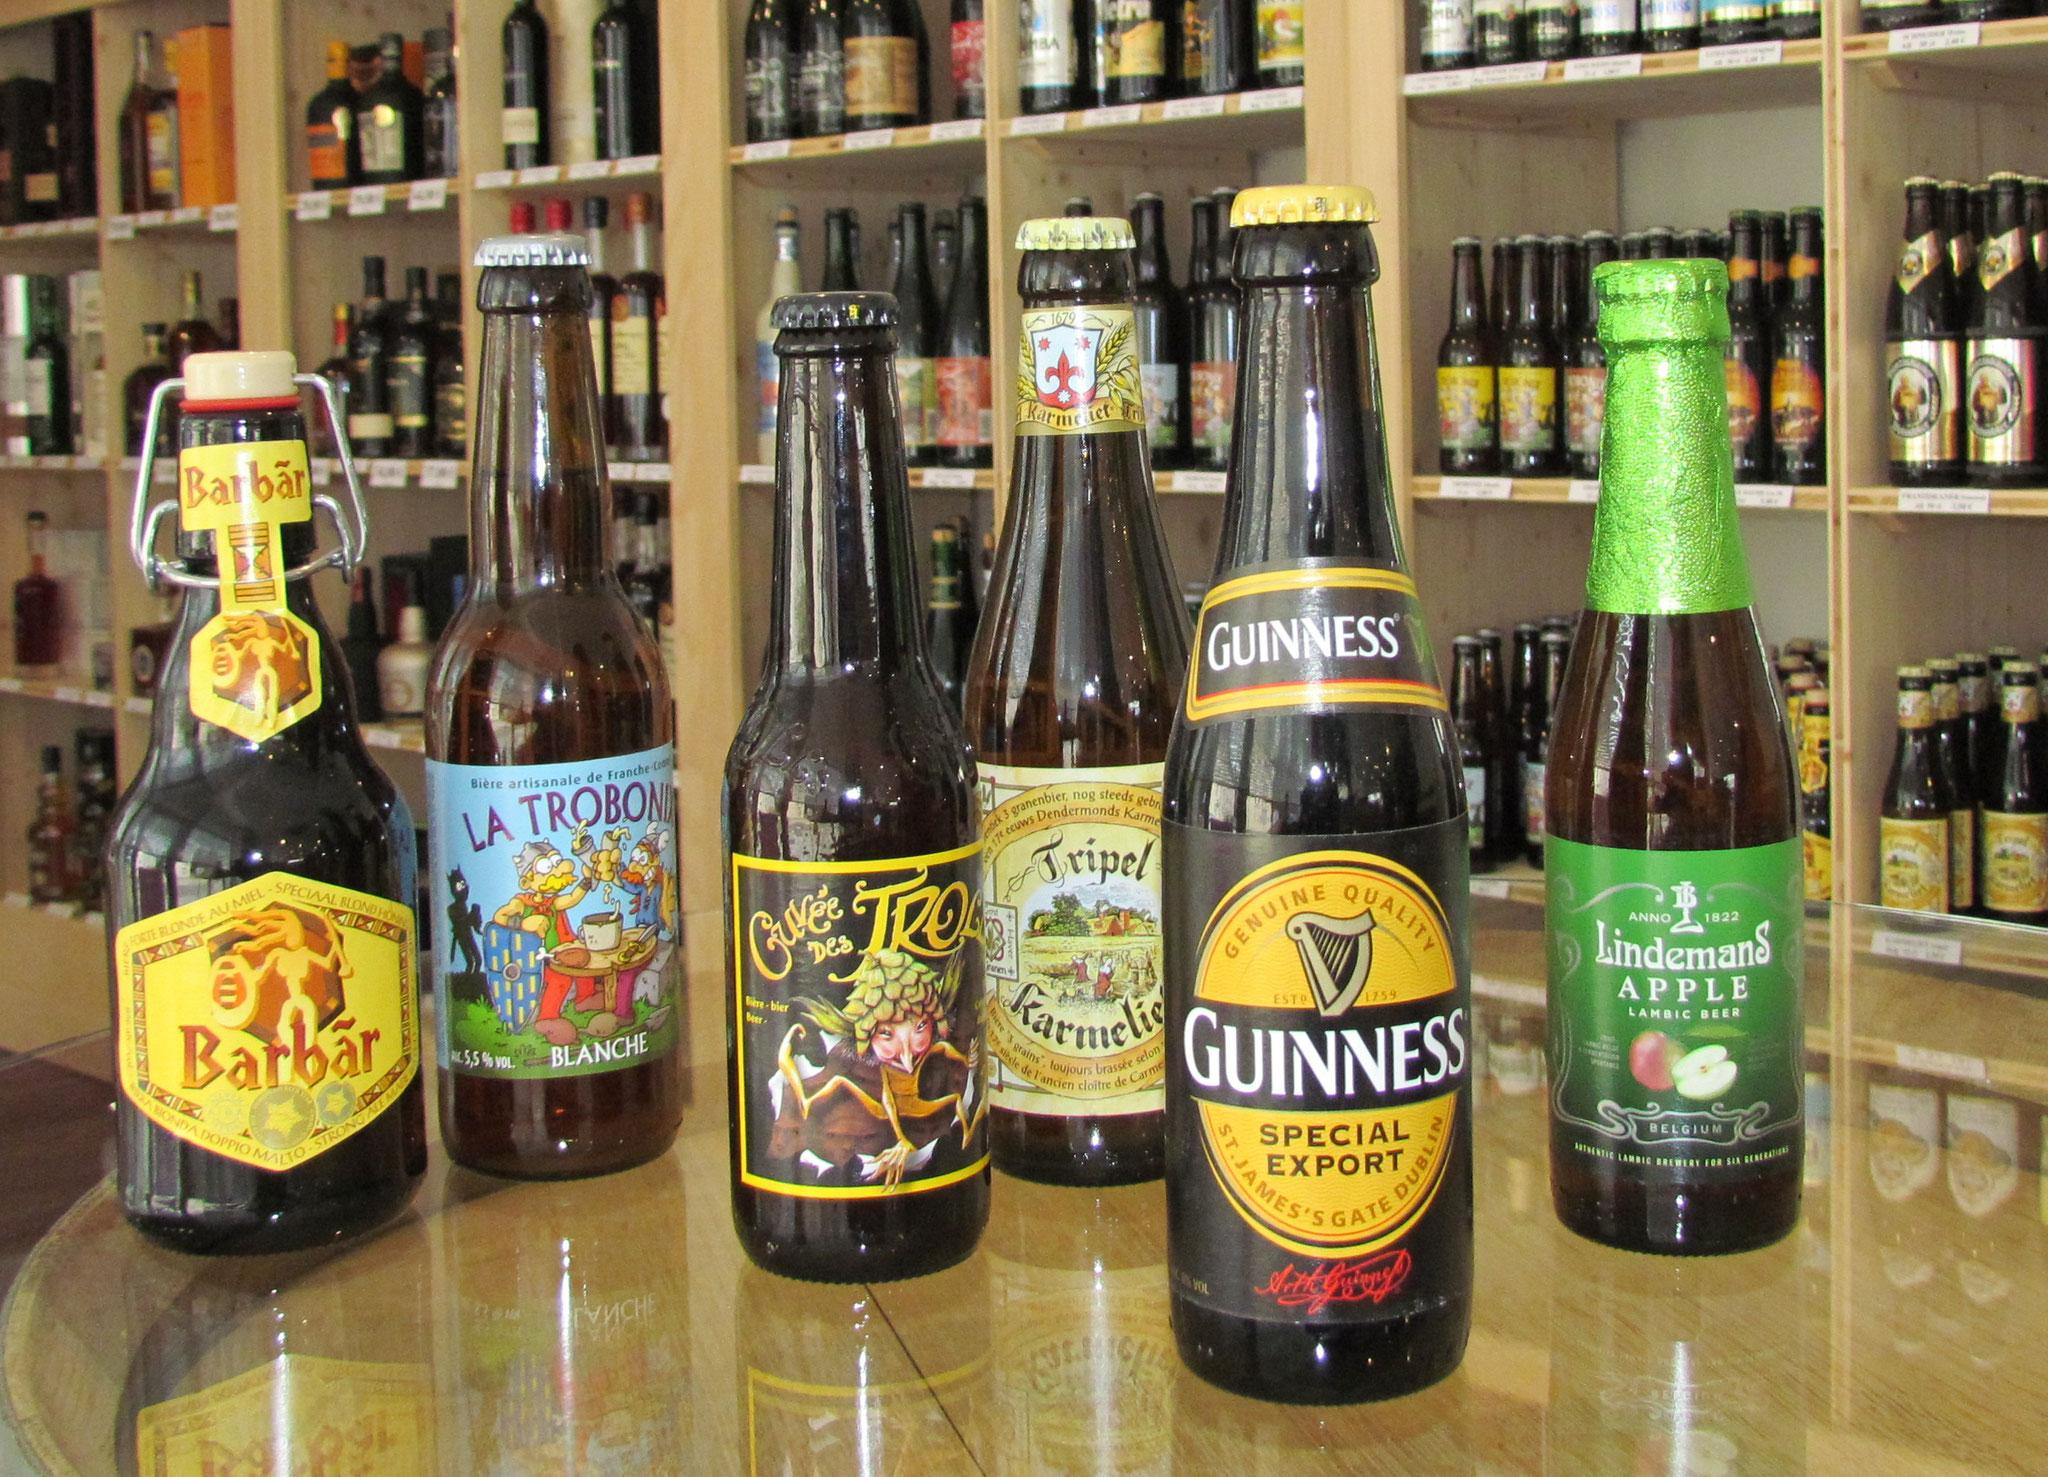 Grand choix de bières